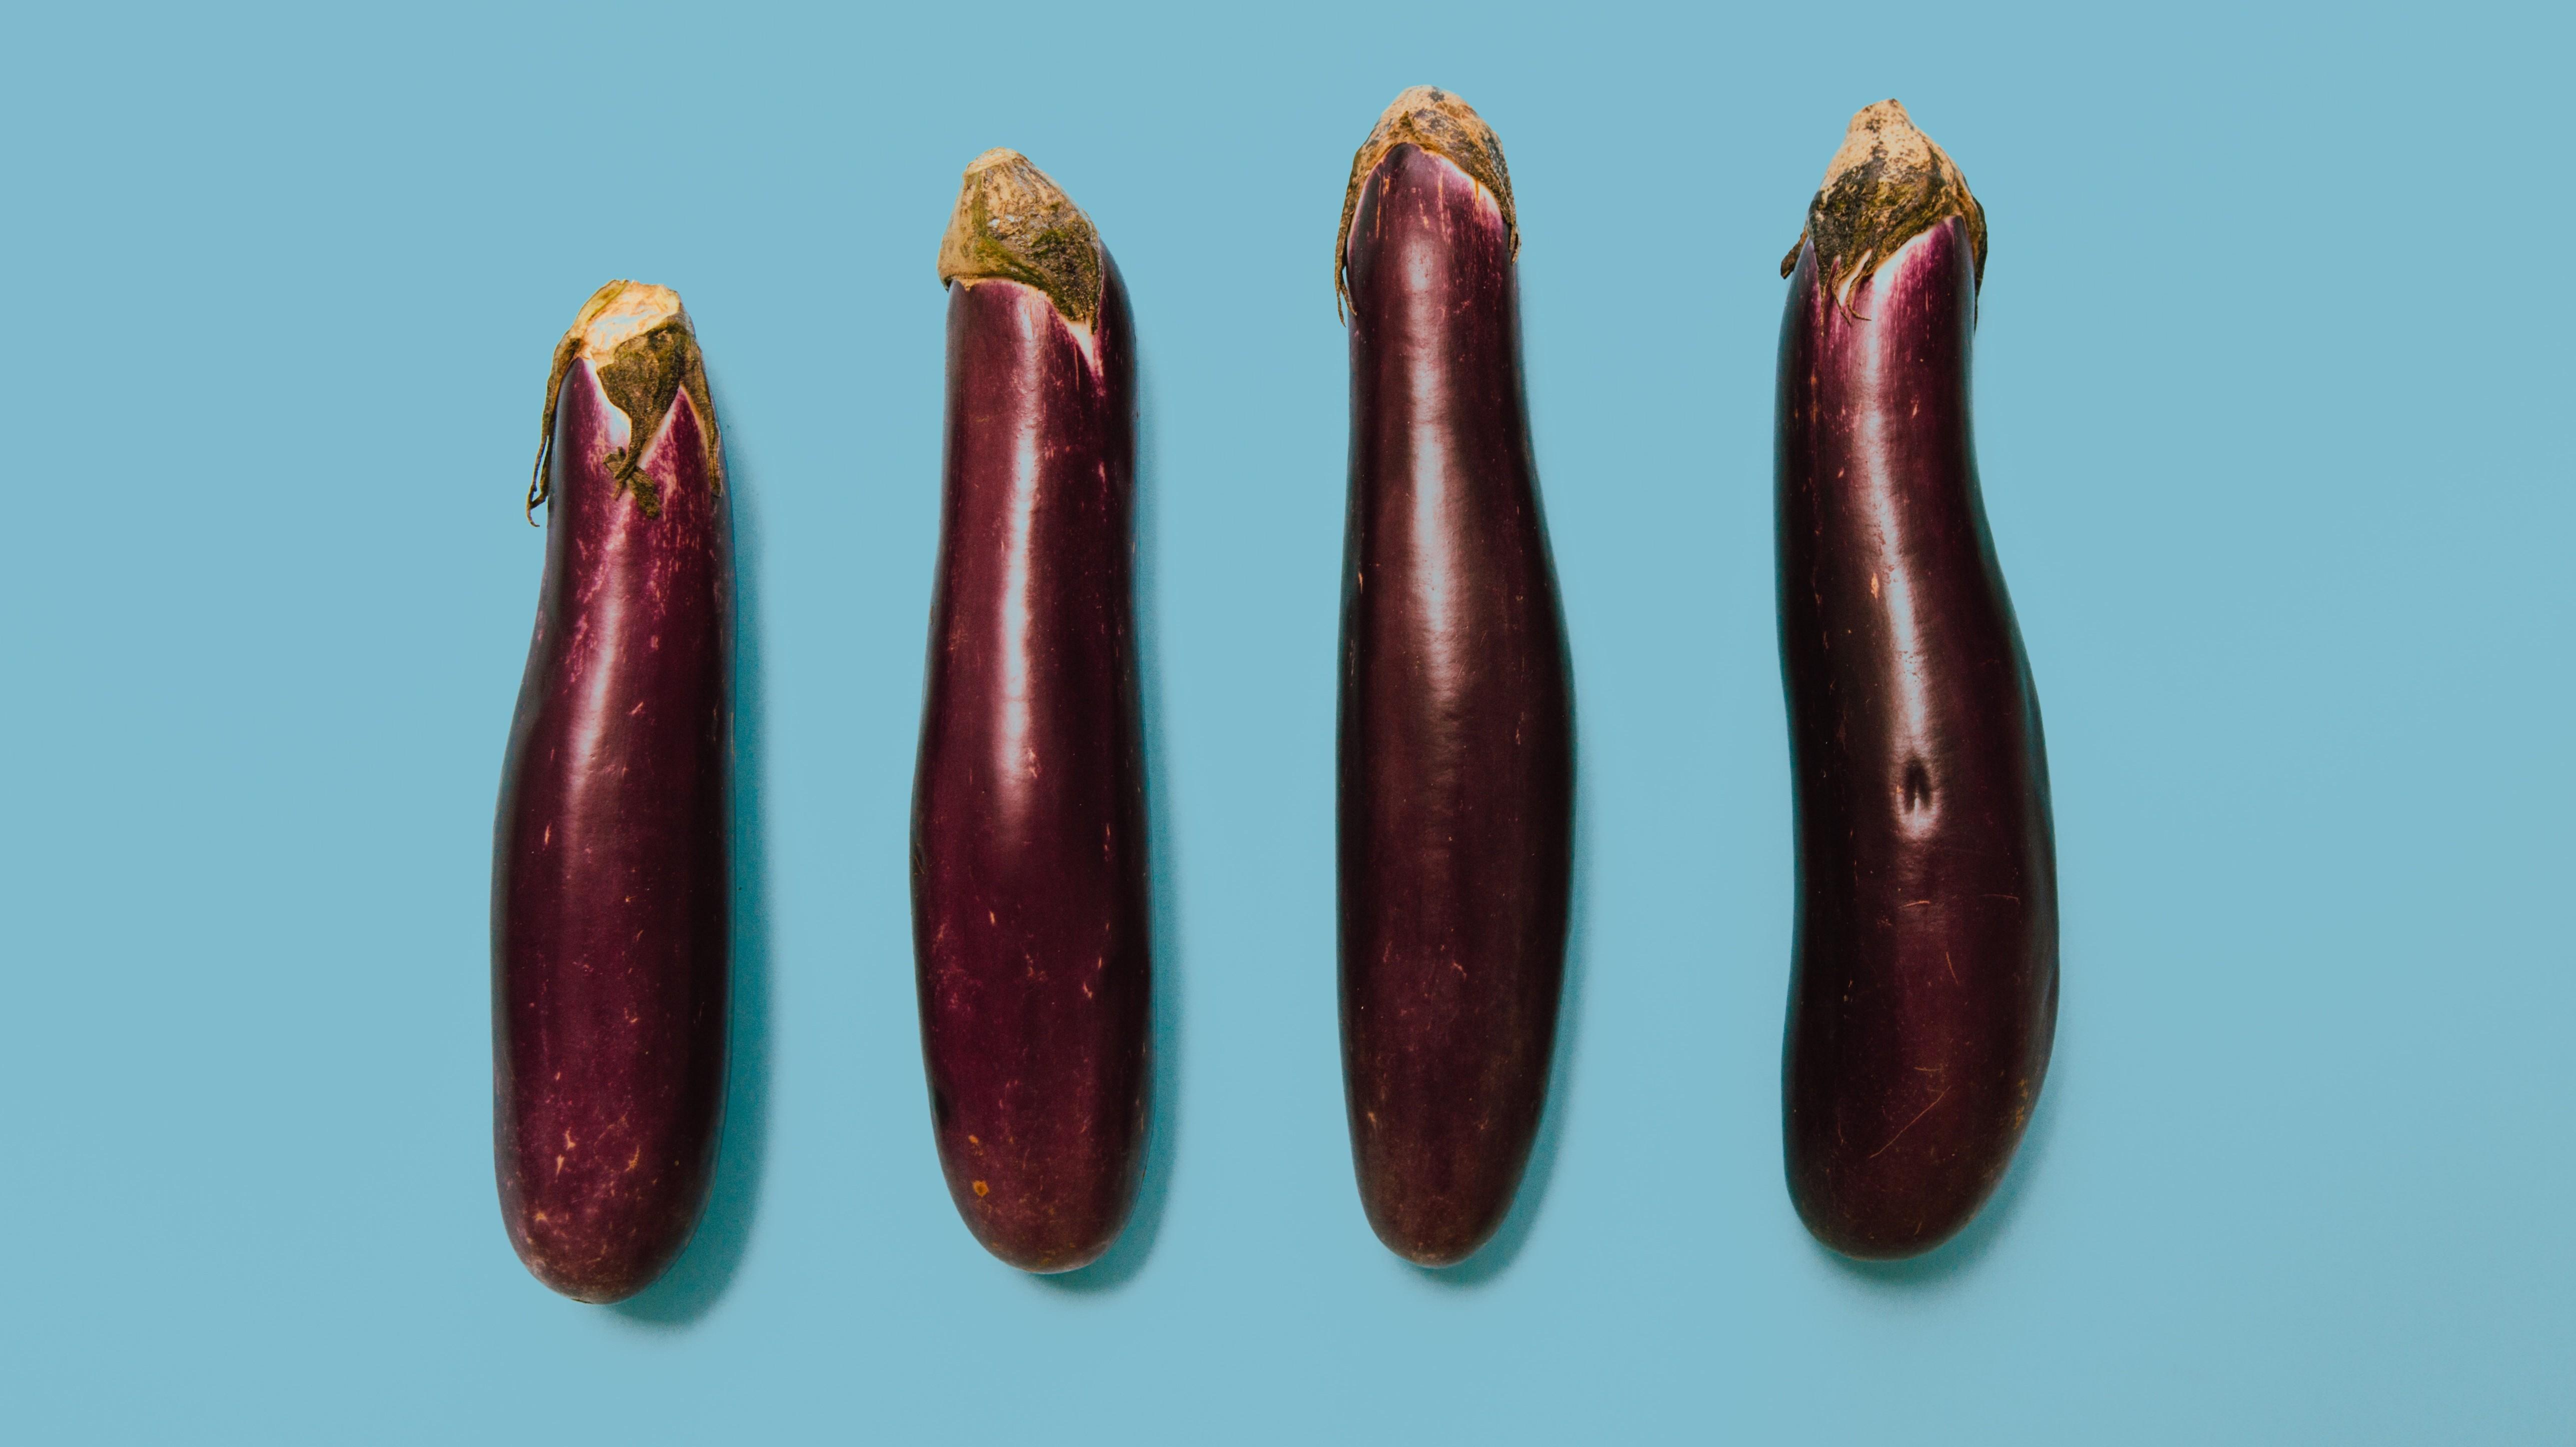 ce este mai sănătos să mănânci pentru o erecție mai bună